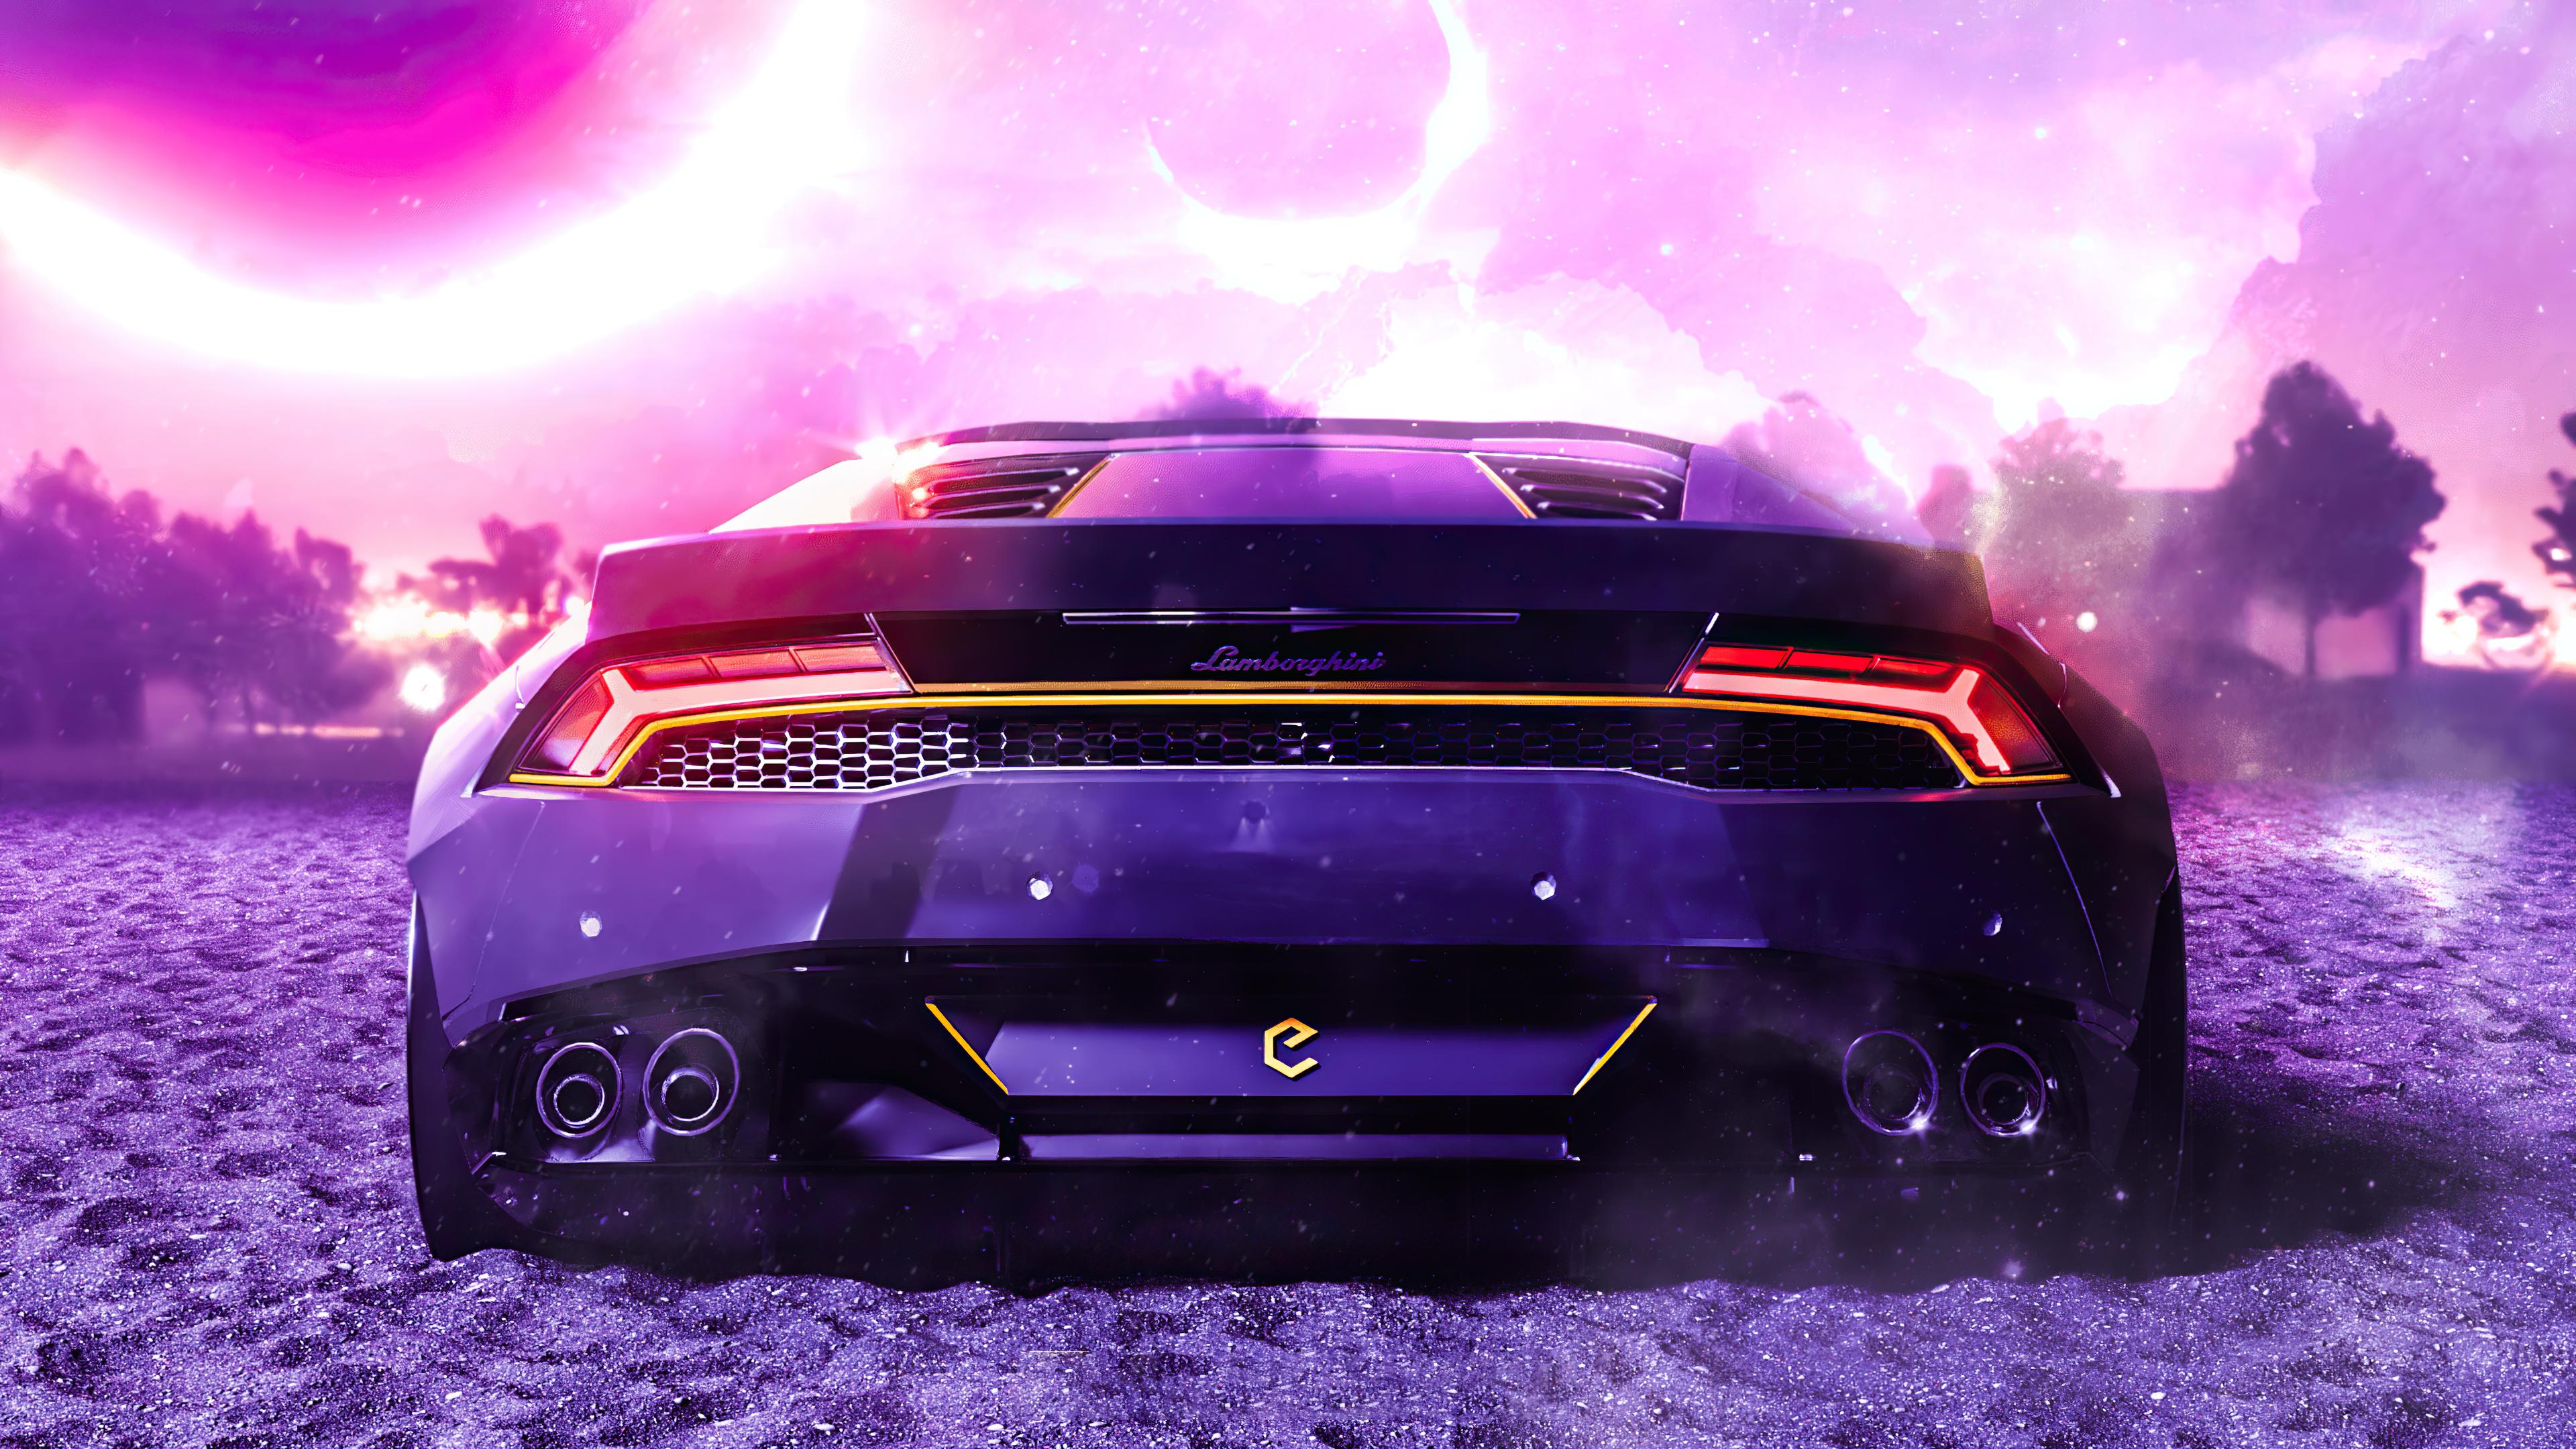 lamborghini huracan cgi 3d 4k 1620171871 - Lamborghini Huracan Cgi 3d 4k - Lamborghini Huracan Cgi 3d 4k wallpapers